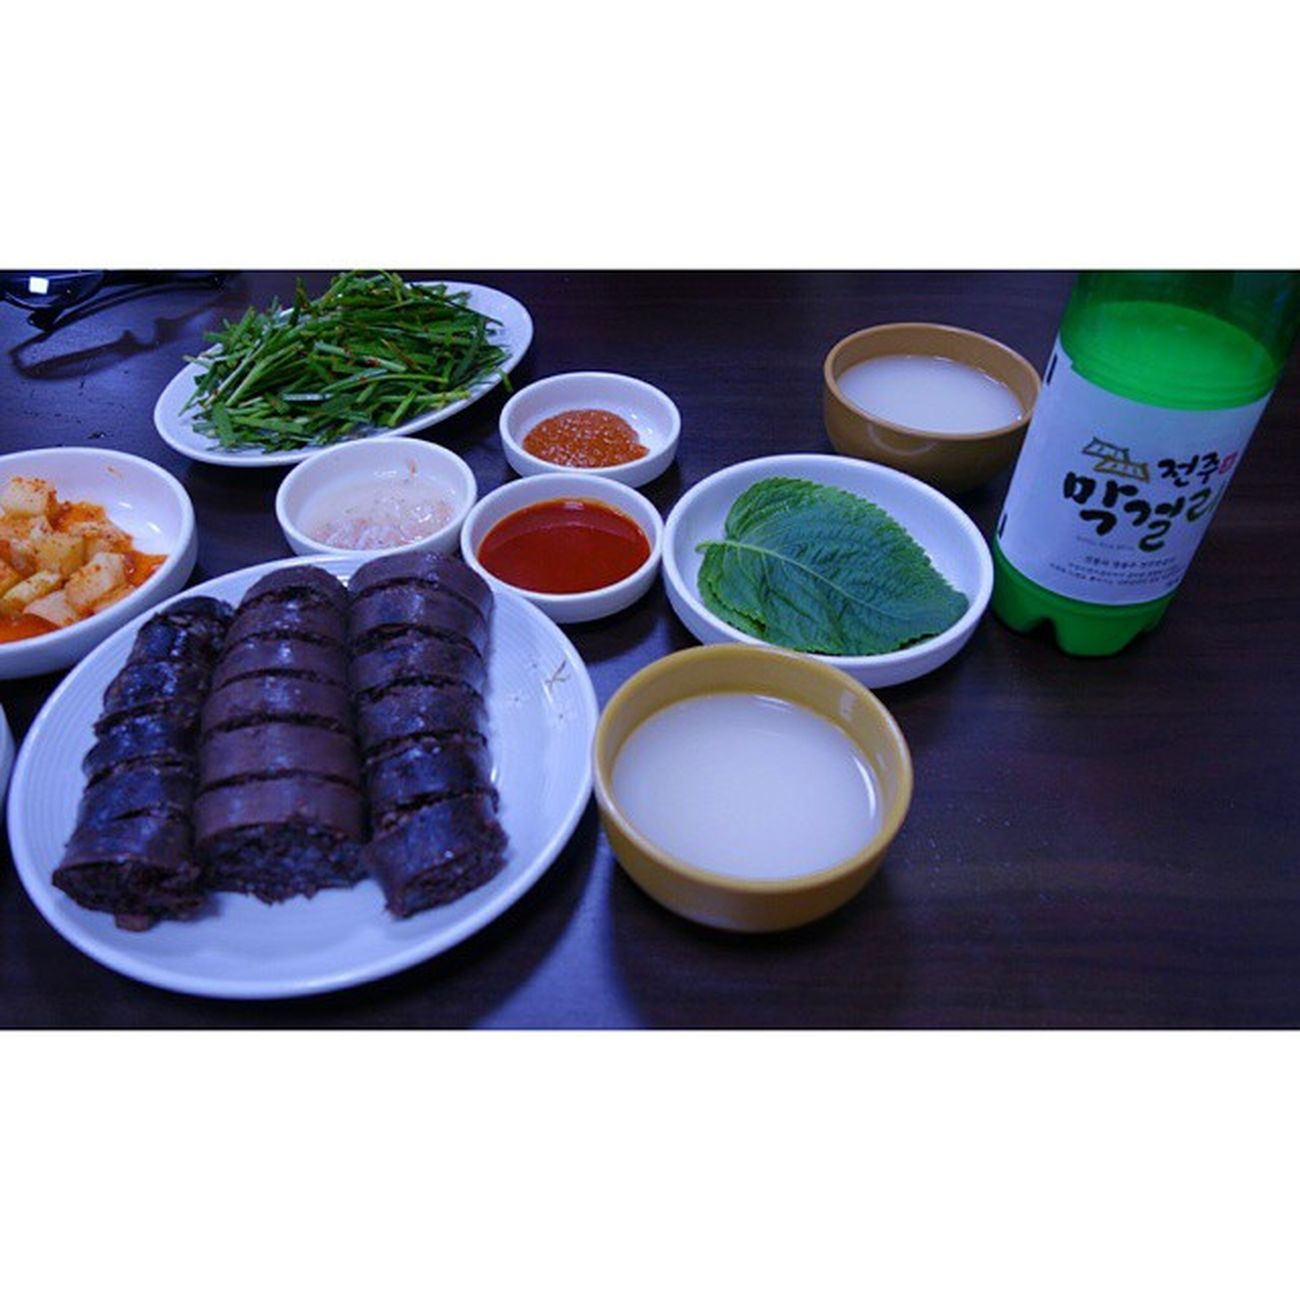 전주 피바다 가 아니라 피순대. Korea Jeonju Koreanfood 순대 전주